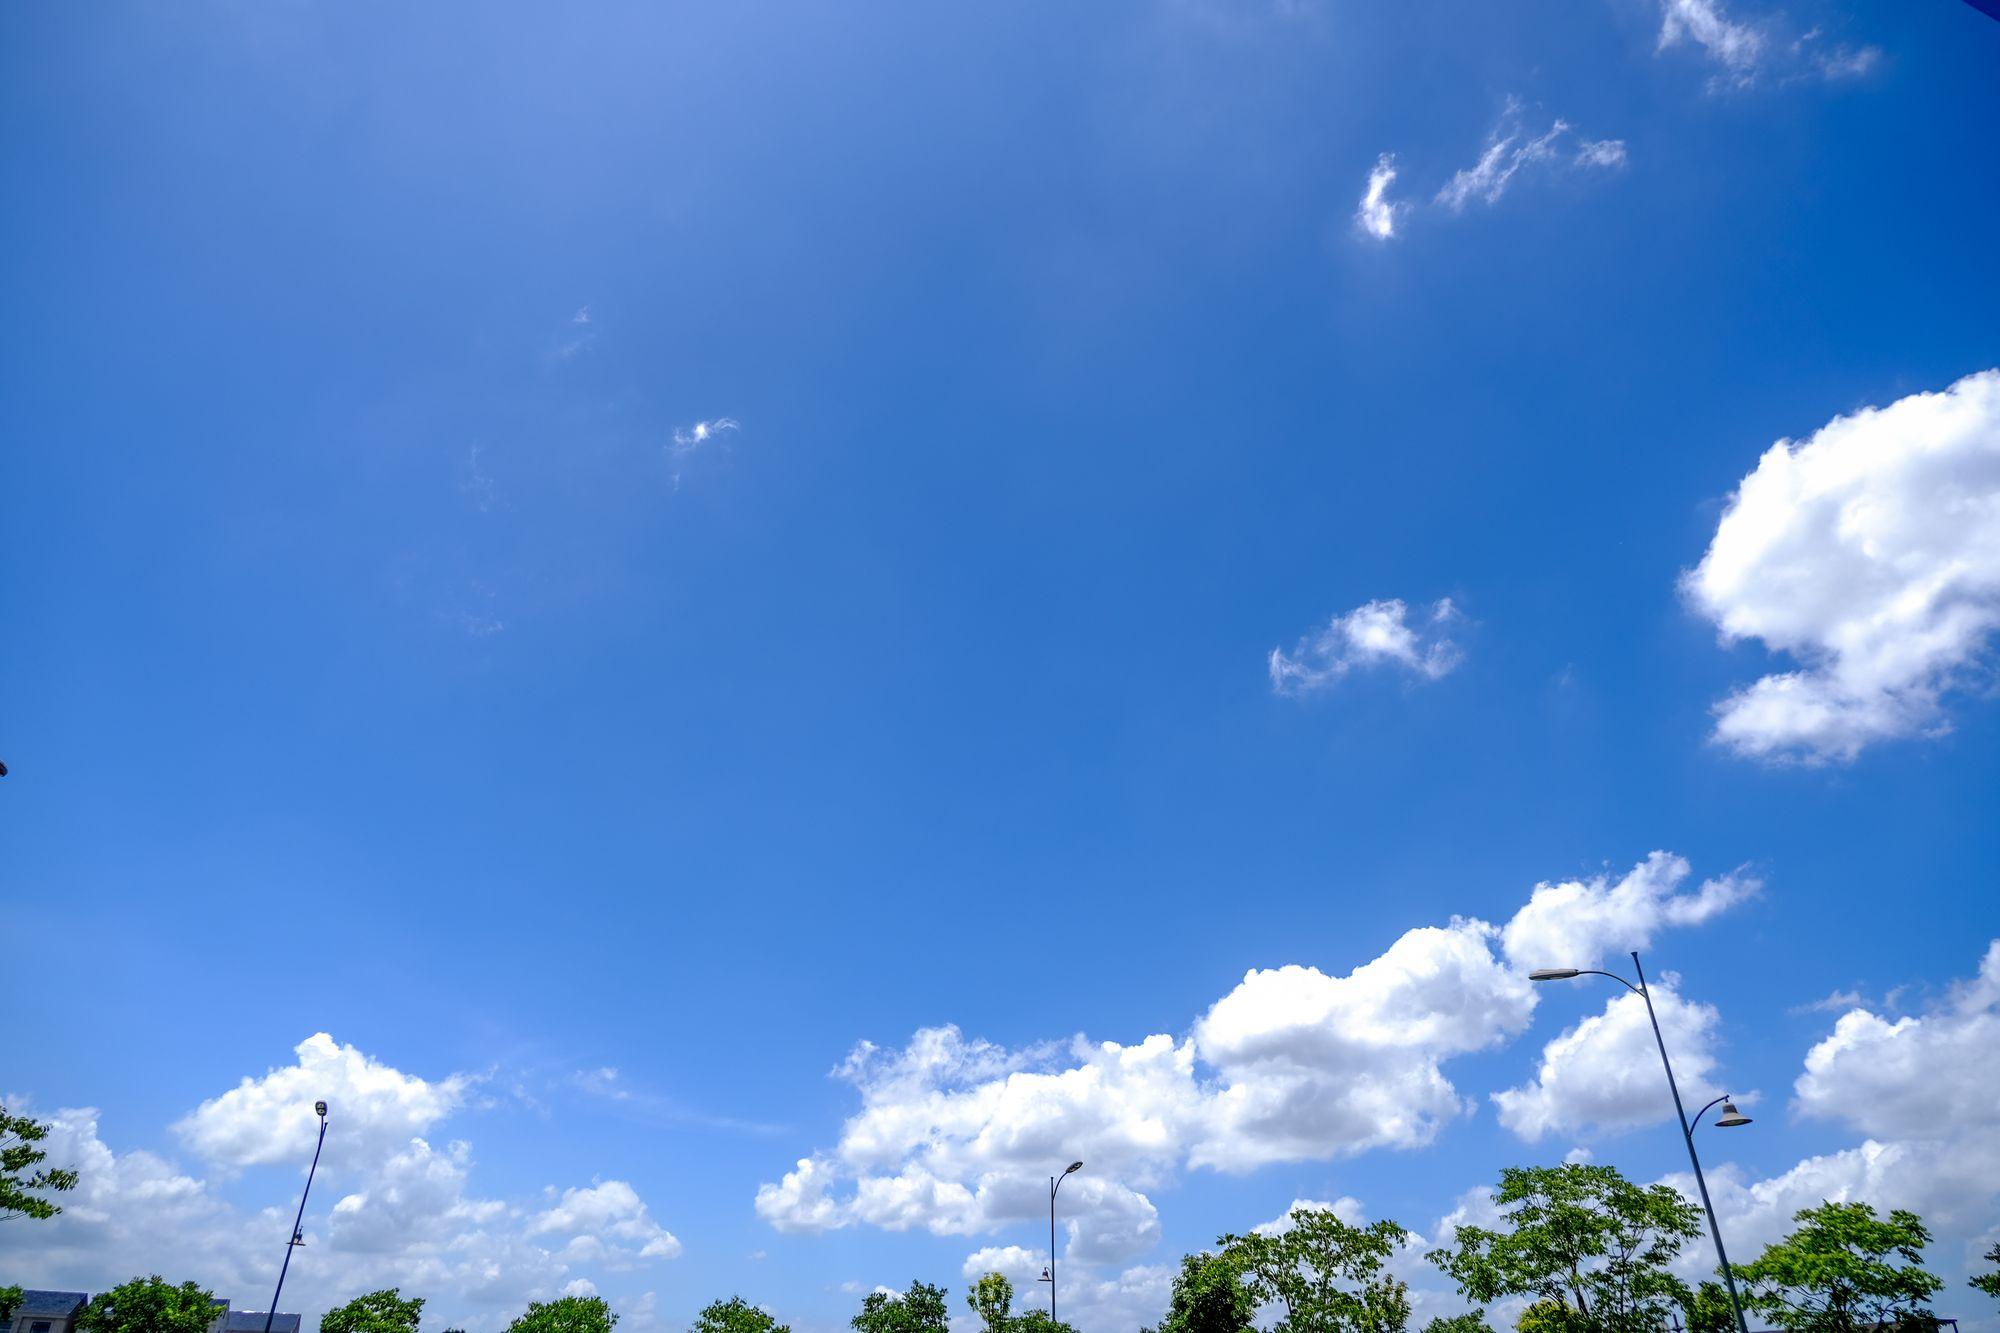 蓝色天空高清照片下载 - 免费正版图片